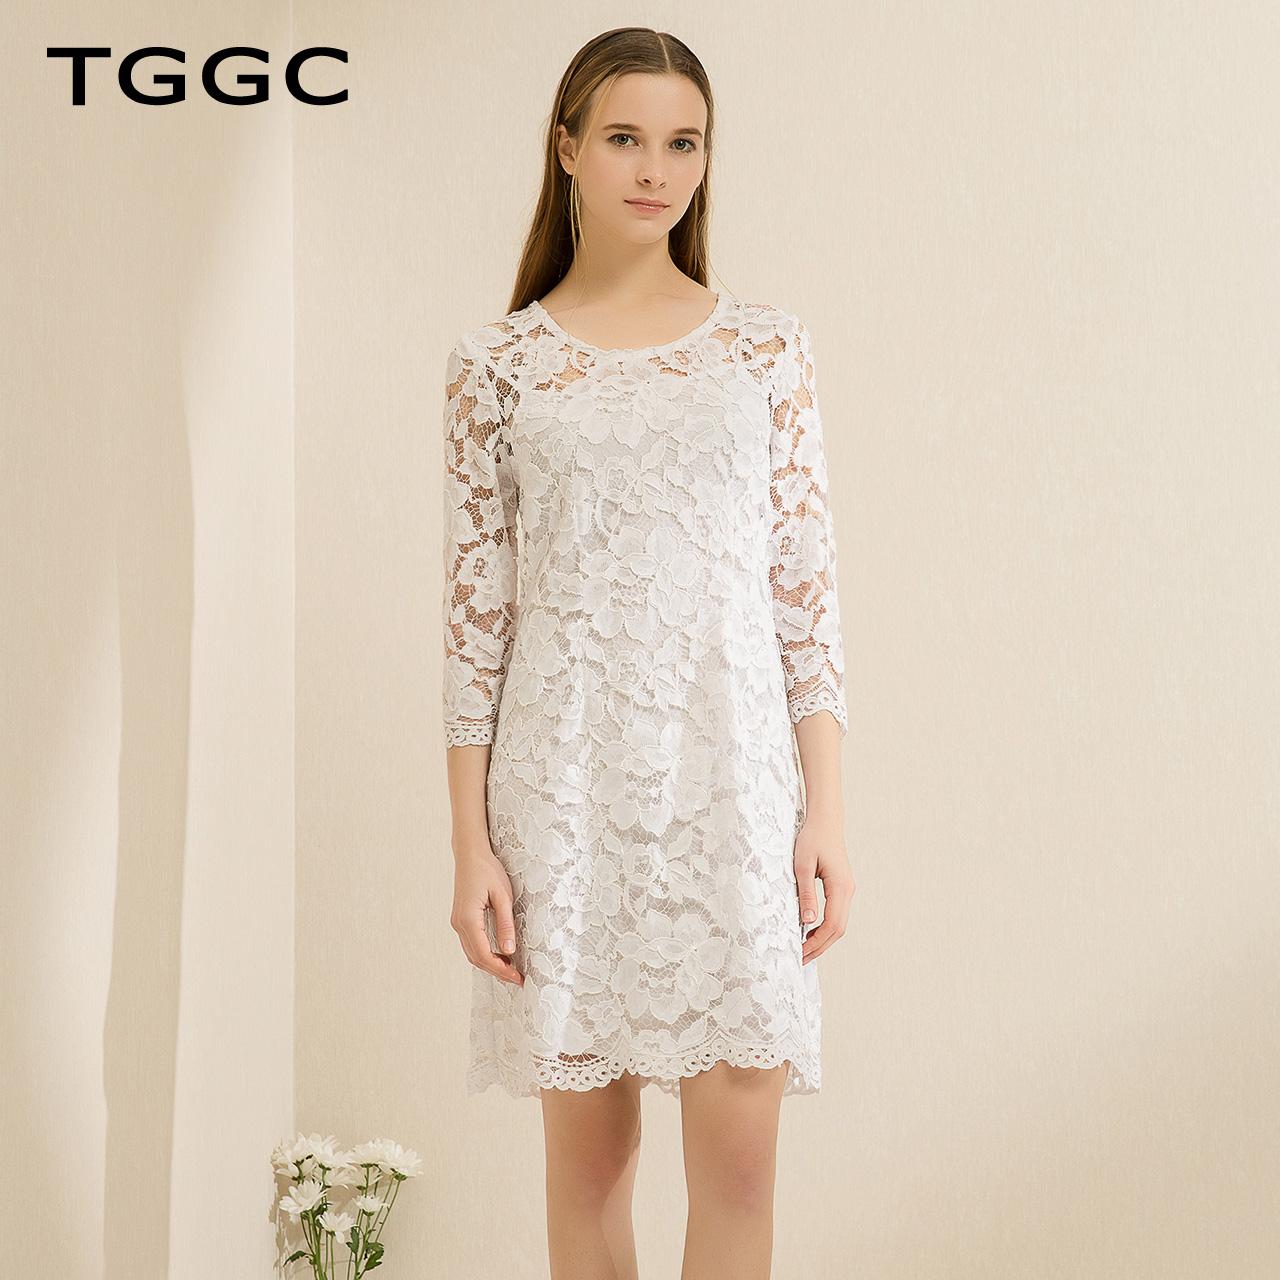 TGGC 2018春装 优雅气质七分袖修身时尚两件套高腰连衣裙女F19880